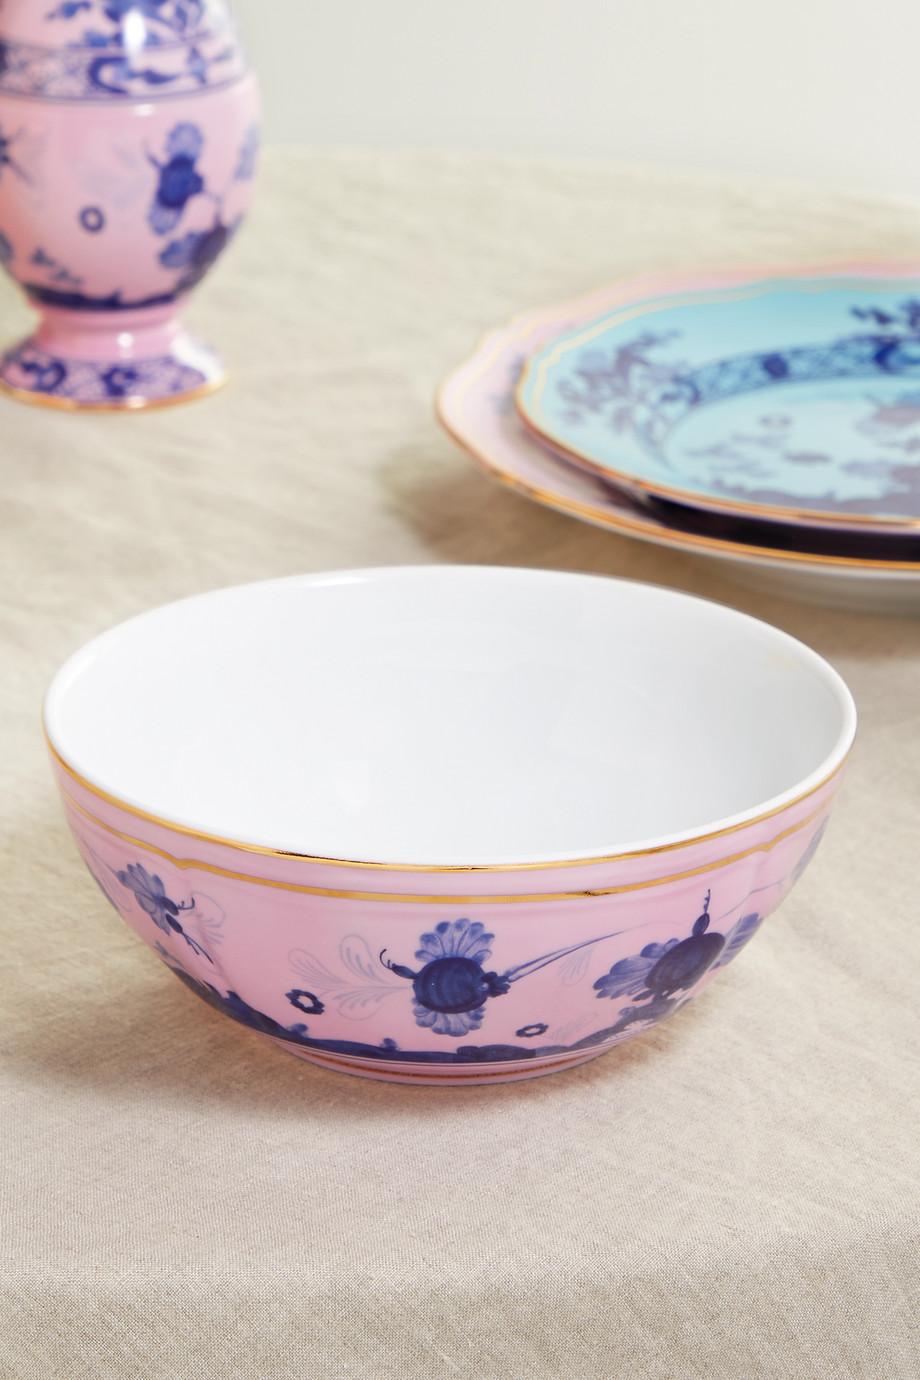 Ginori Oriente Italiano 17 cm Schale aus Porzellan mit vergoldeten Details